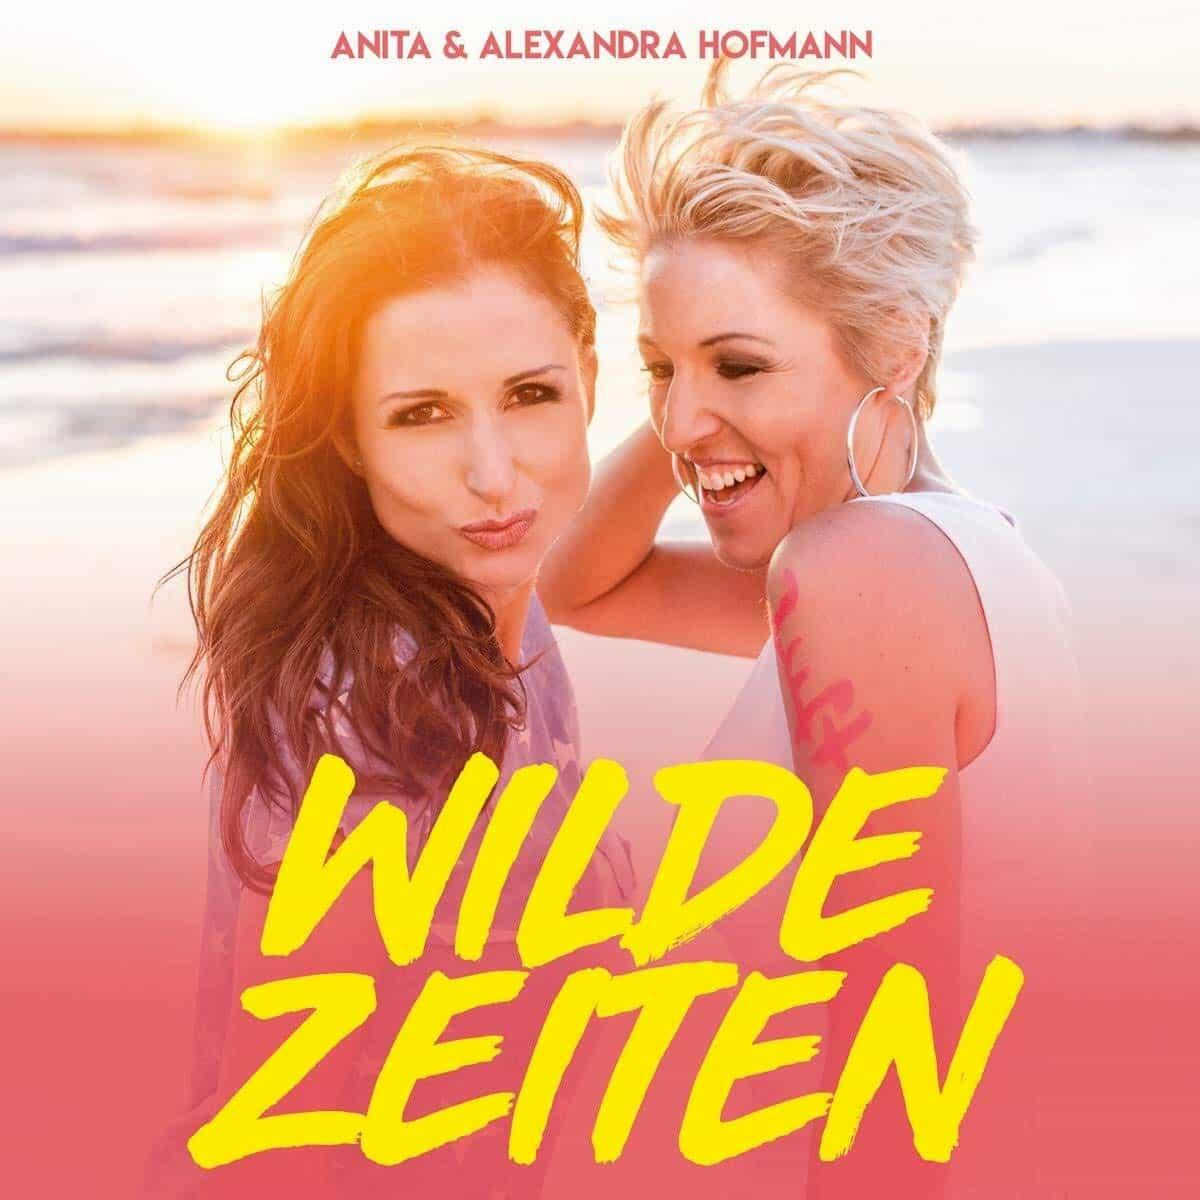 Anita und Alexandra Hofmann - CD Wilde Zeiten 2020